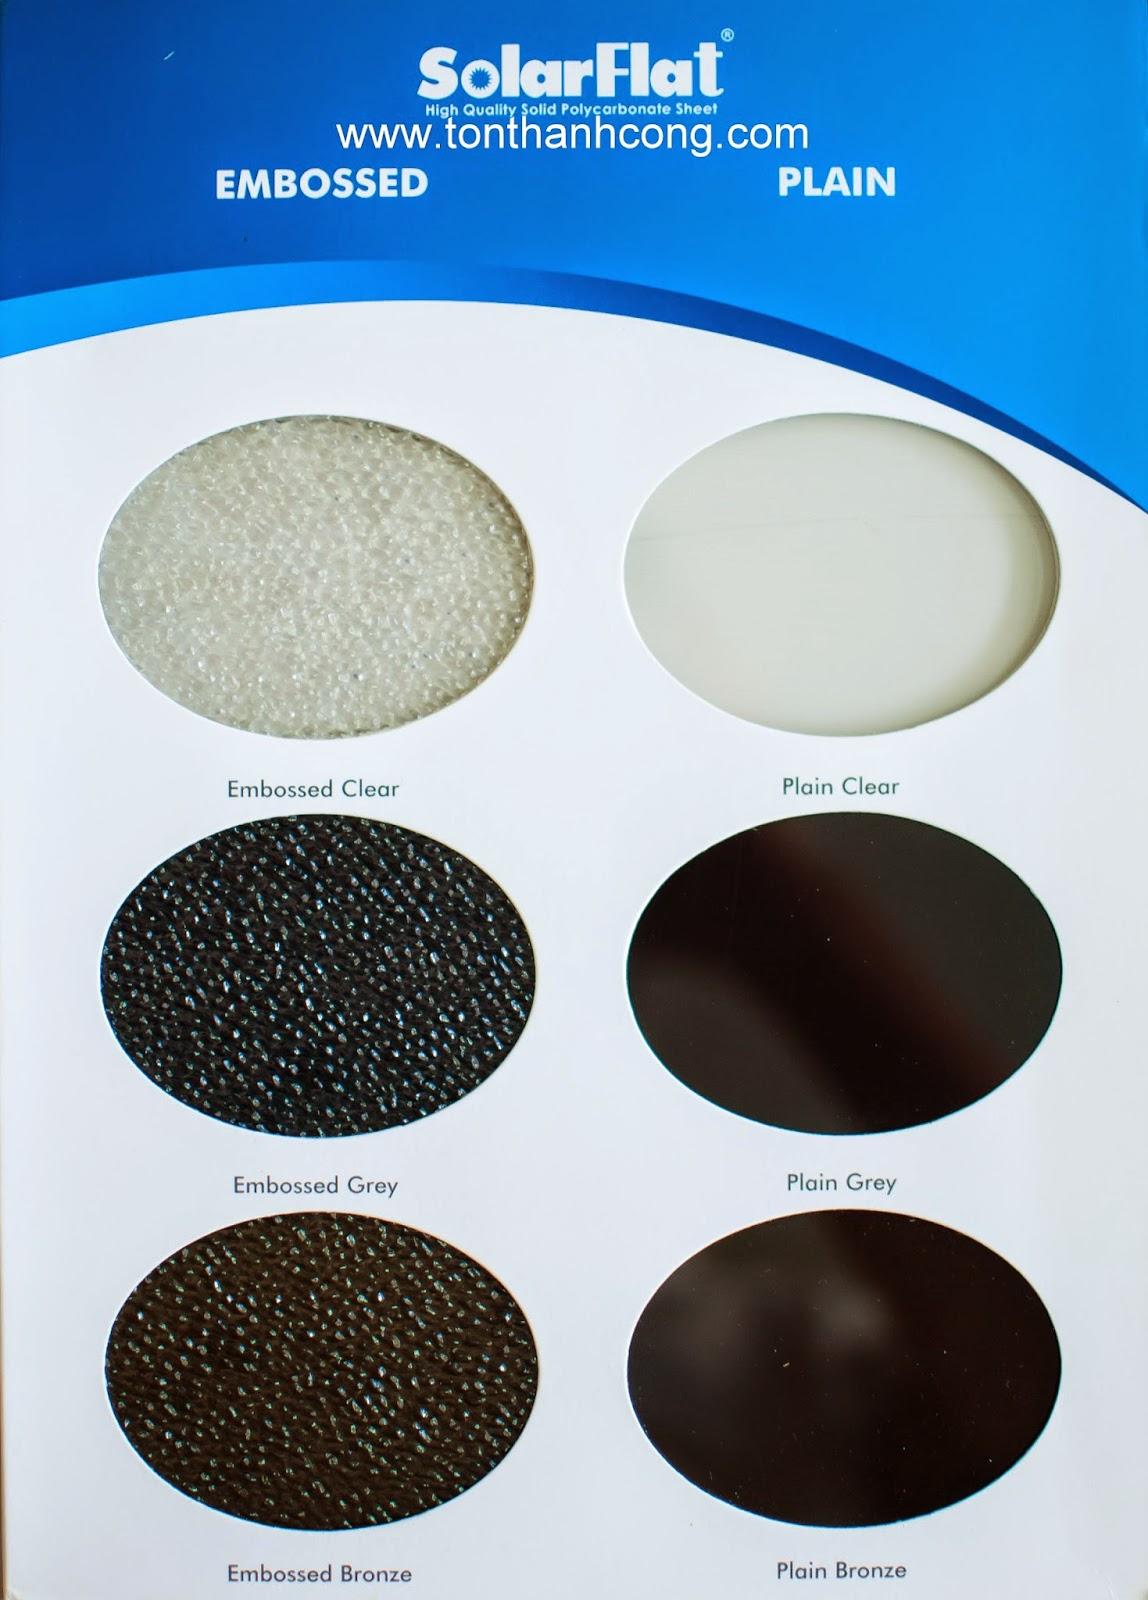 Catalogue Tấm Lấy Sáng Polycarbonate Đặc Ruột SolarFlat - Trang 2